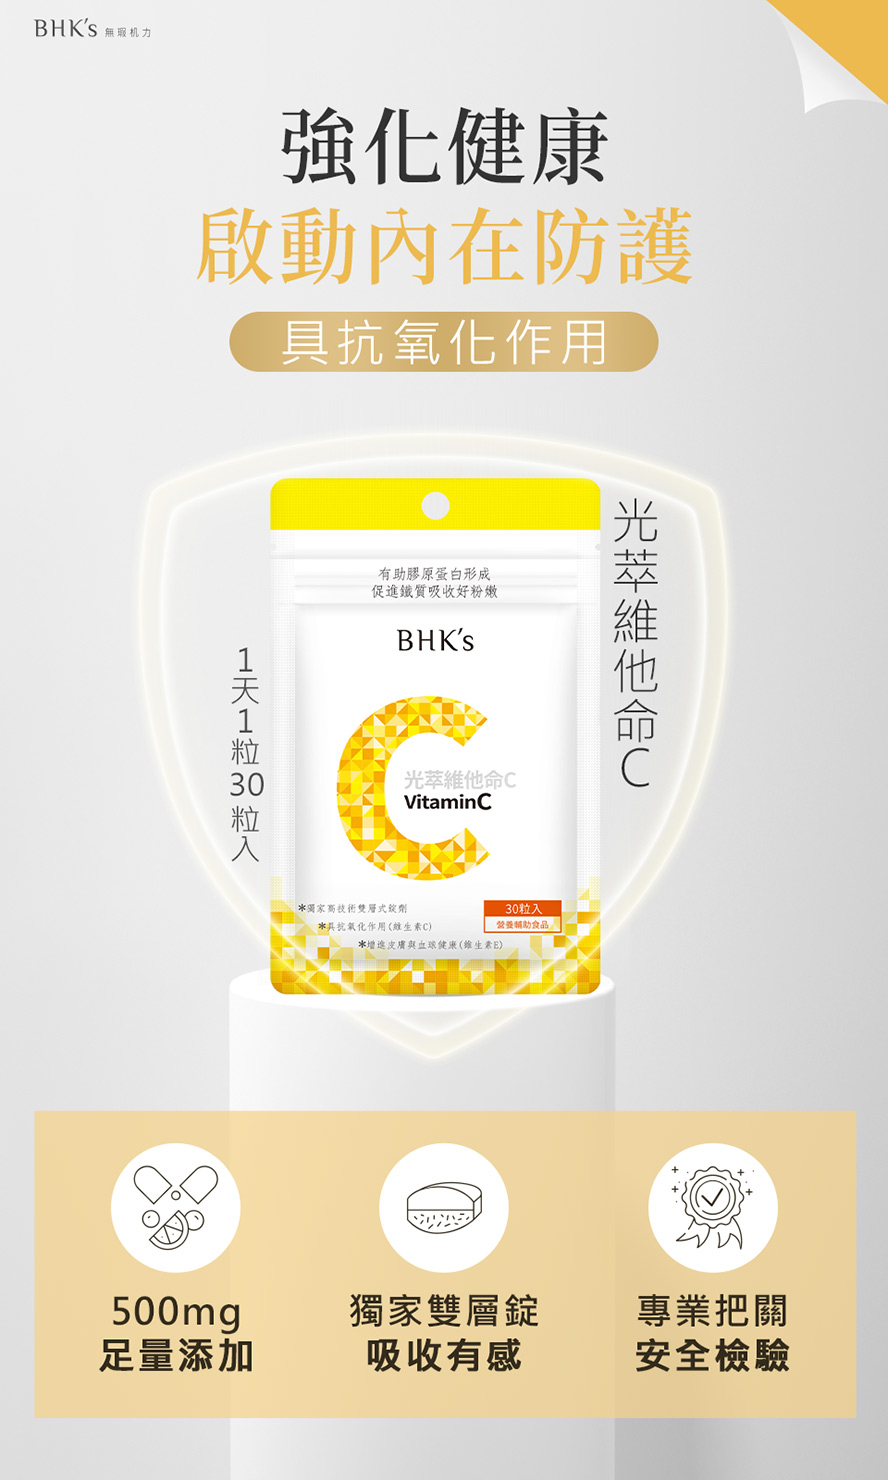 BHK's光萃維他命C,具抗氧化作用,有助於養顏美容、提升肌膚光澤度、維護健康機能。